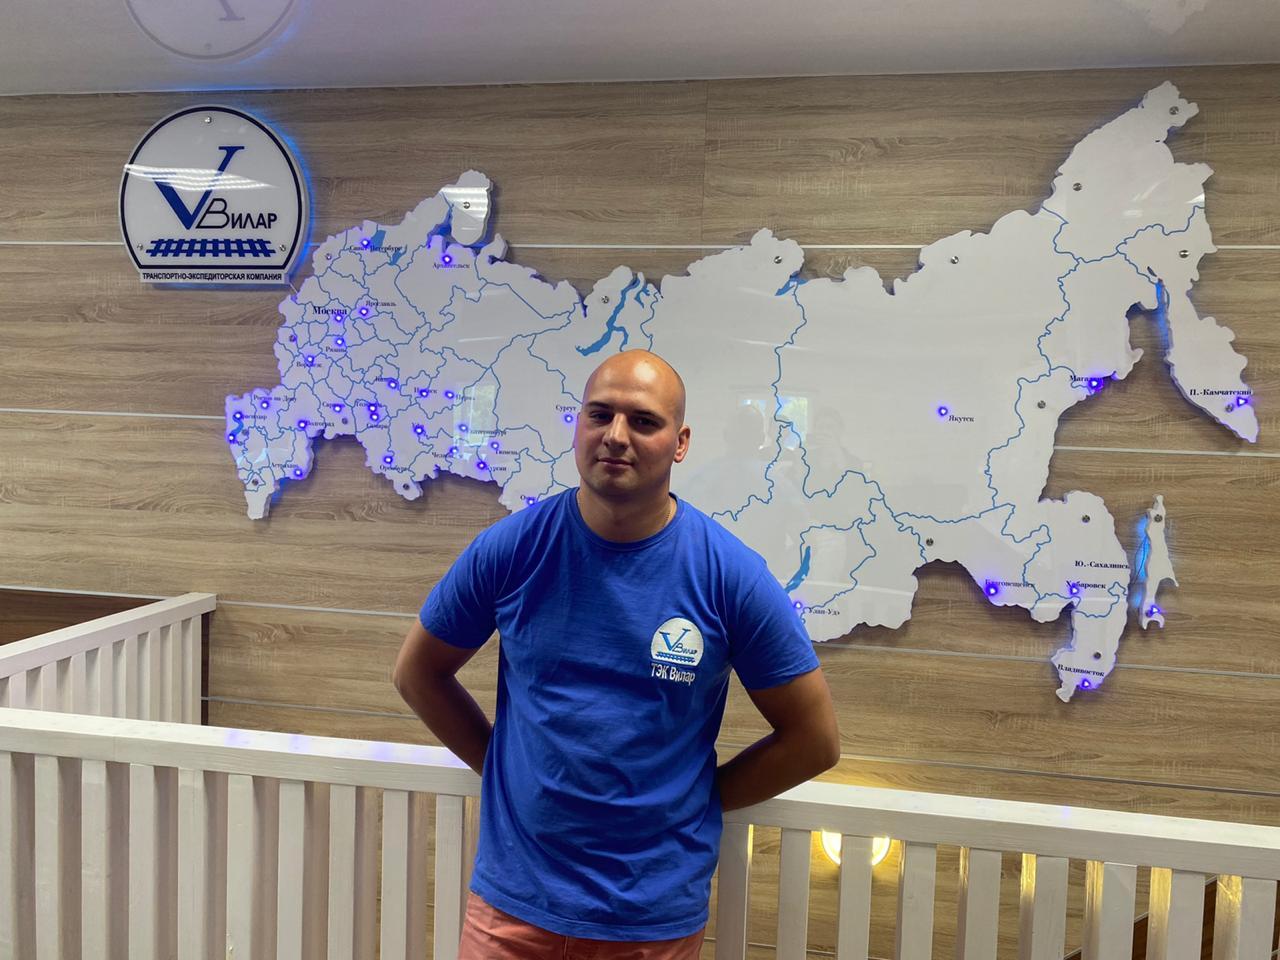 Калинин Вячеслав : Старший менеджер складской логистики